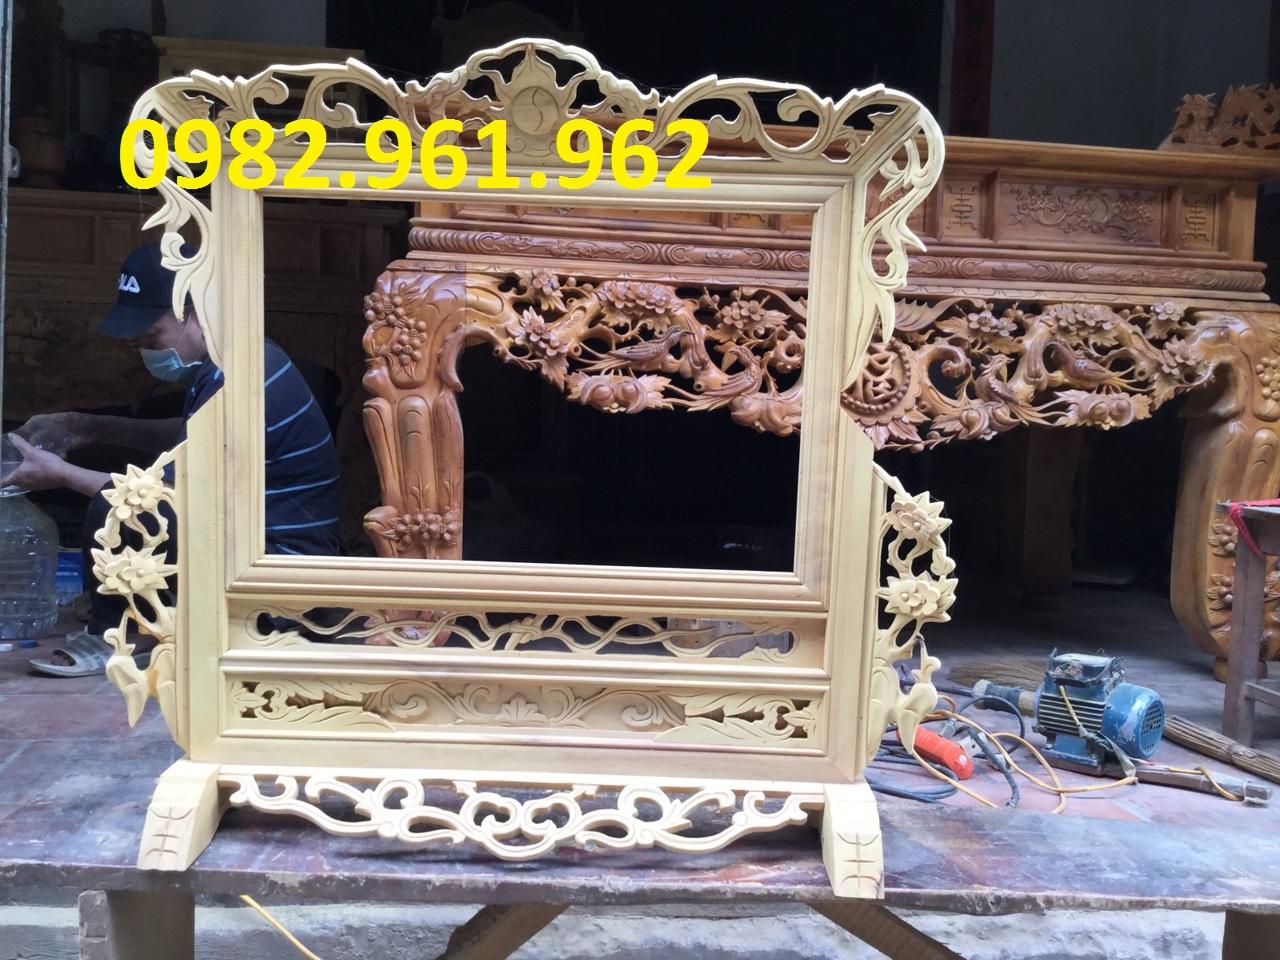 khung ảnh thờ đôi gỗ mít